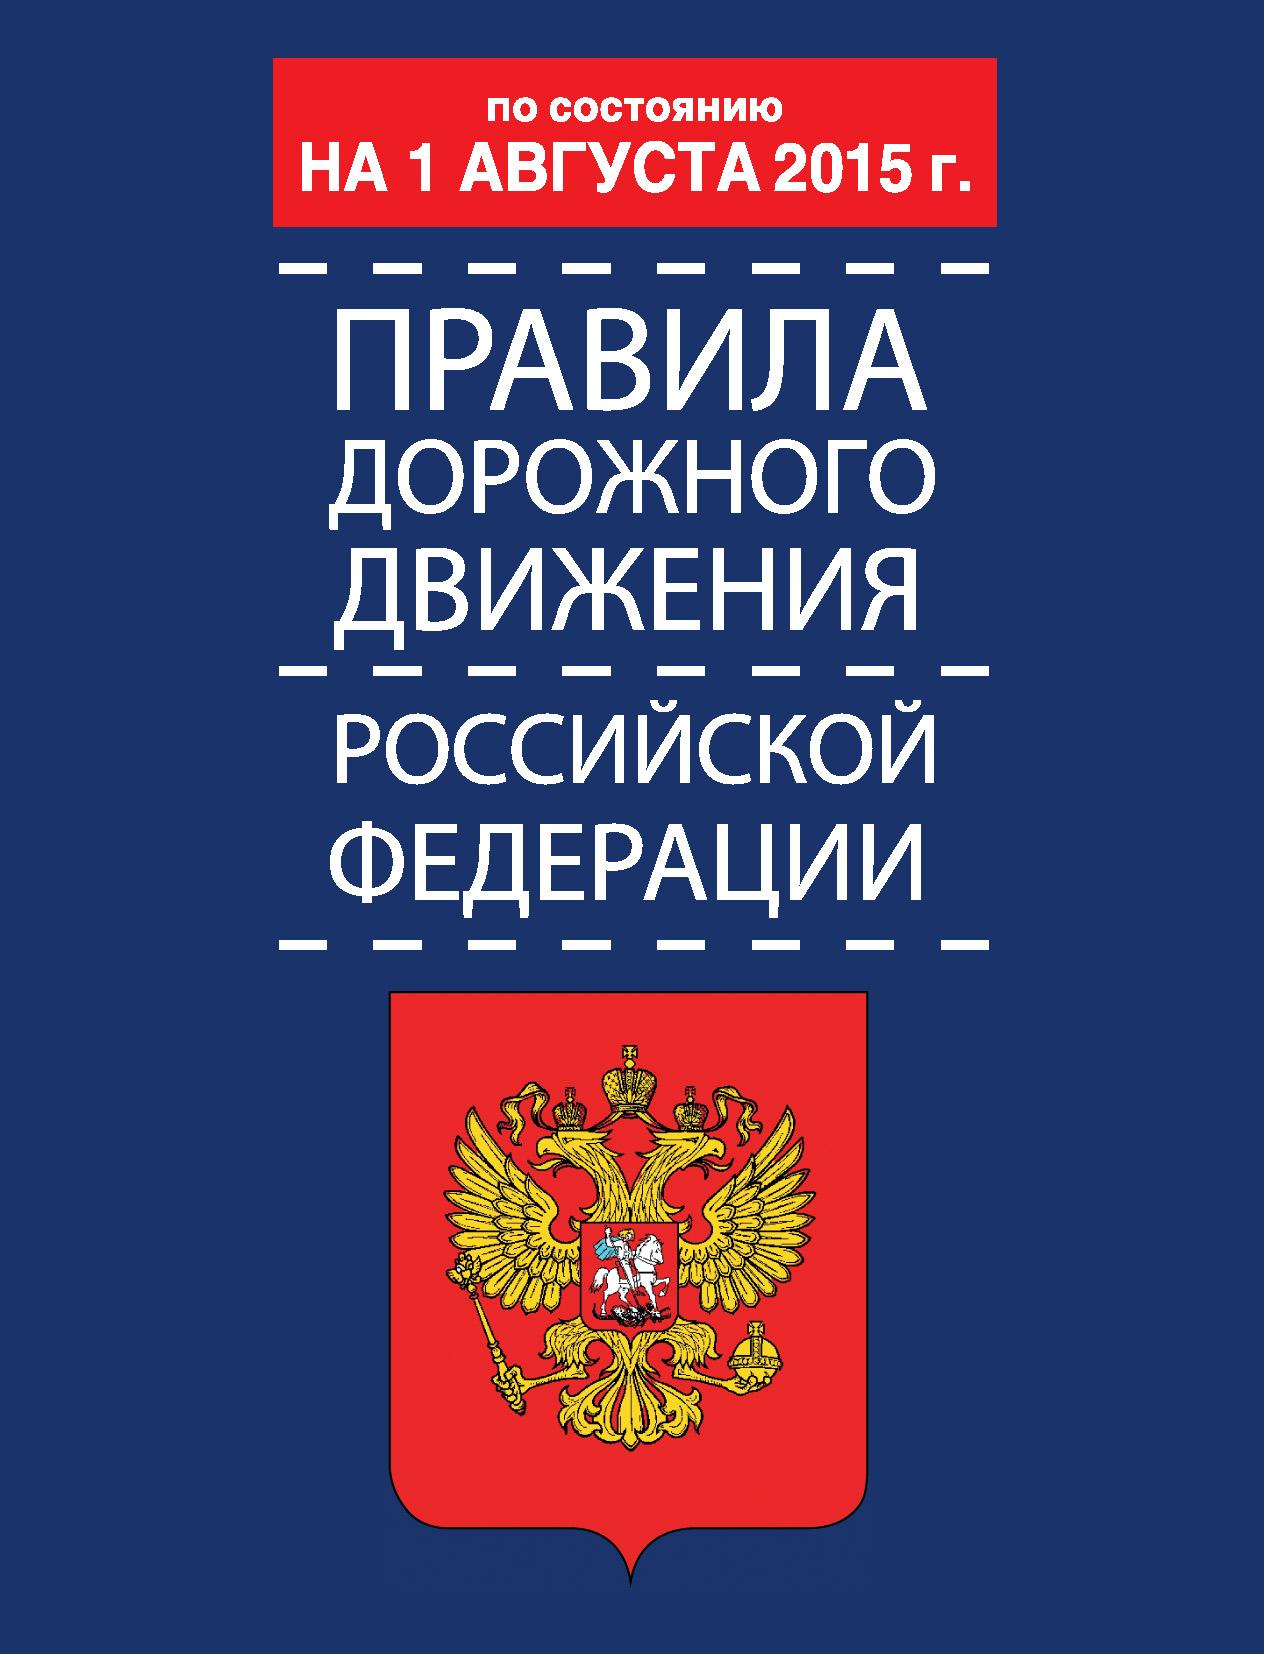 Отсутствует Правила дорожного движения Российской Федерации по состоянию 1 августа 2015 г. правила дорожного движения российской федерации по состоянию на 2018 год